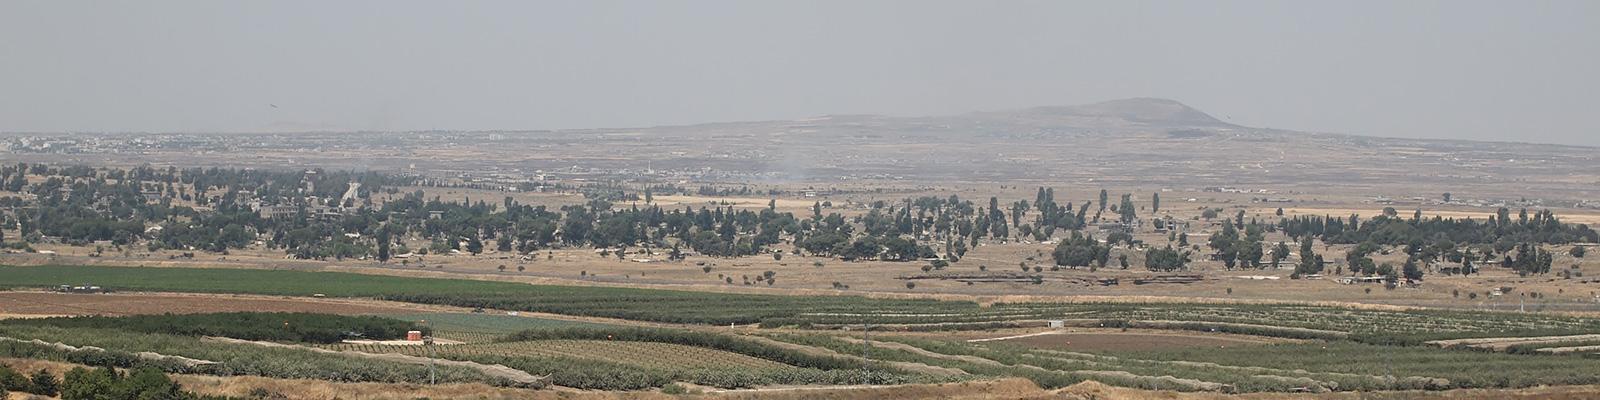 イスラエル側から見たシリアの遠景